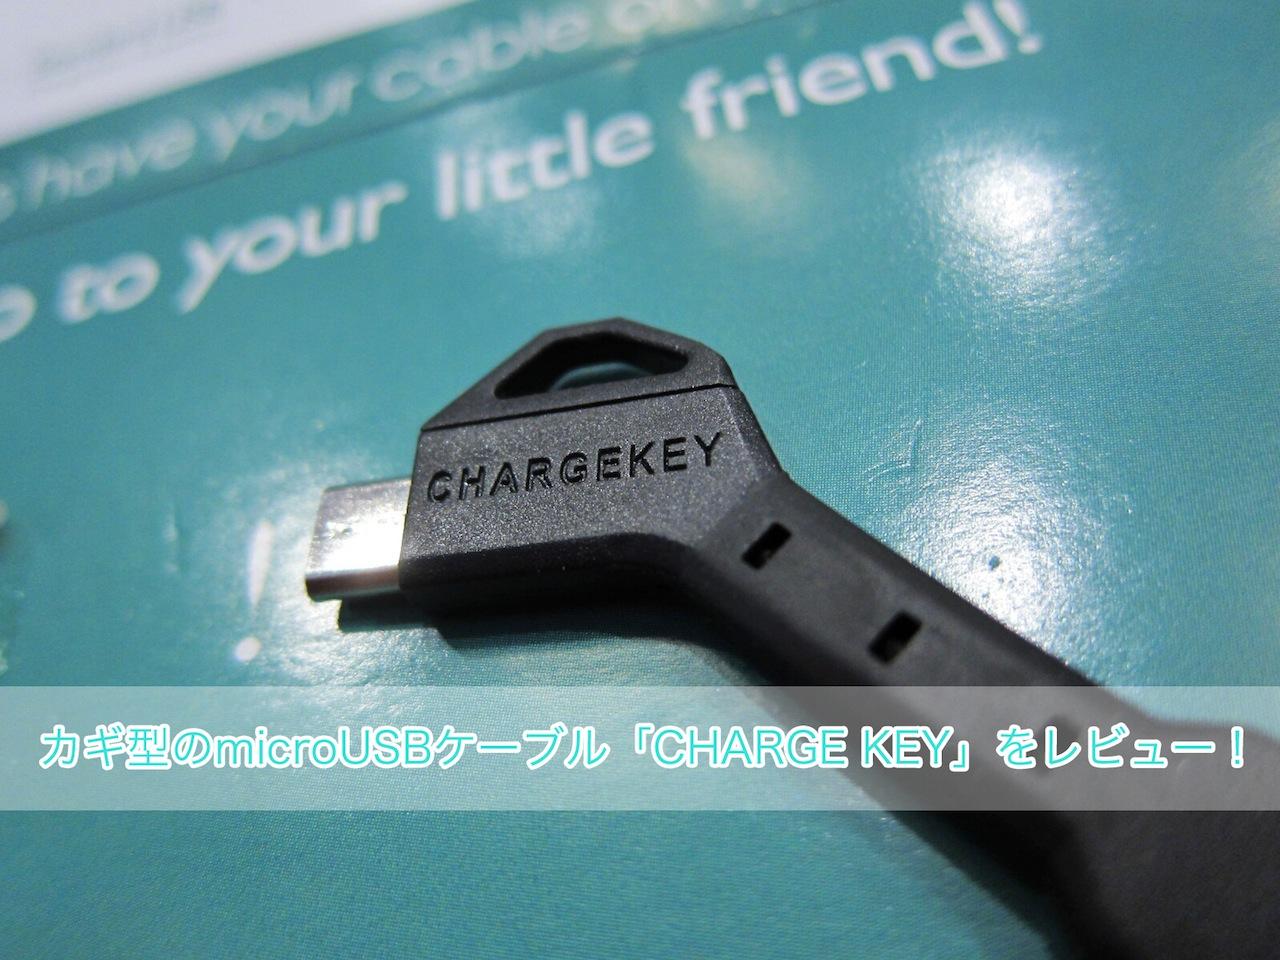 キーリングで携帯できるカギ型の充電ケーブル「CHARGE KEY」